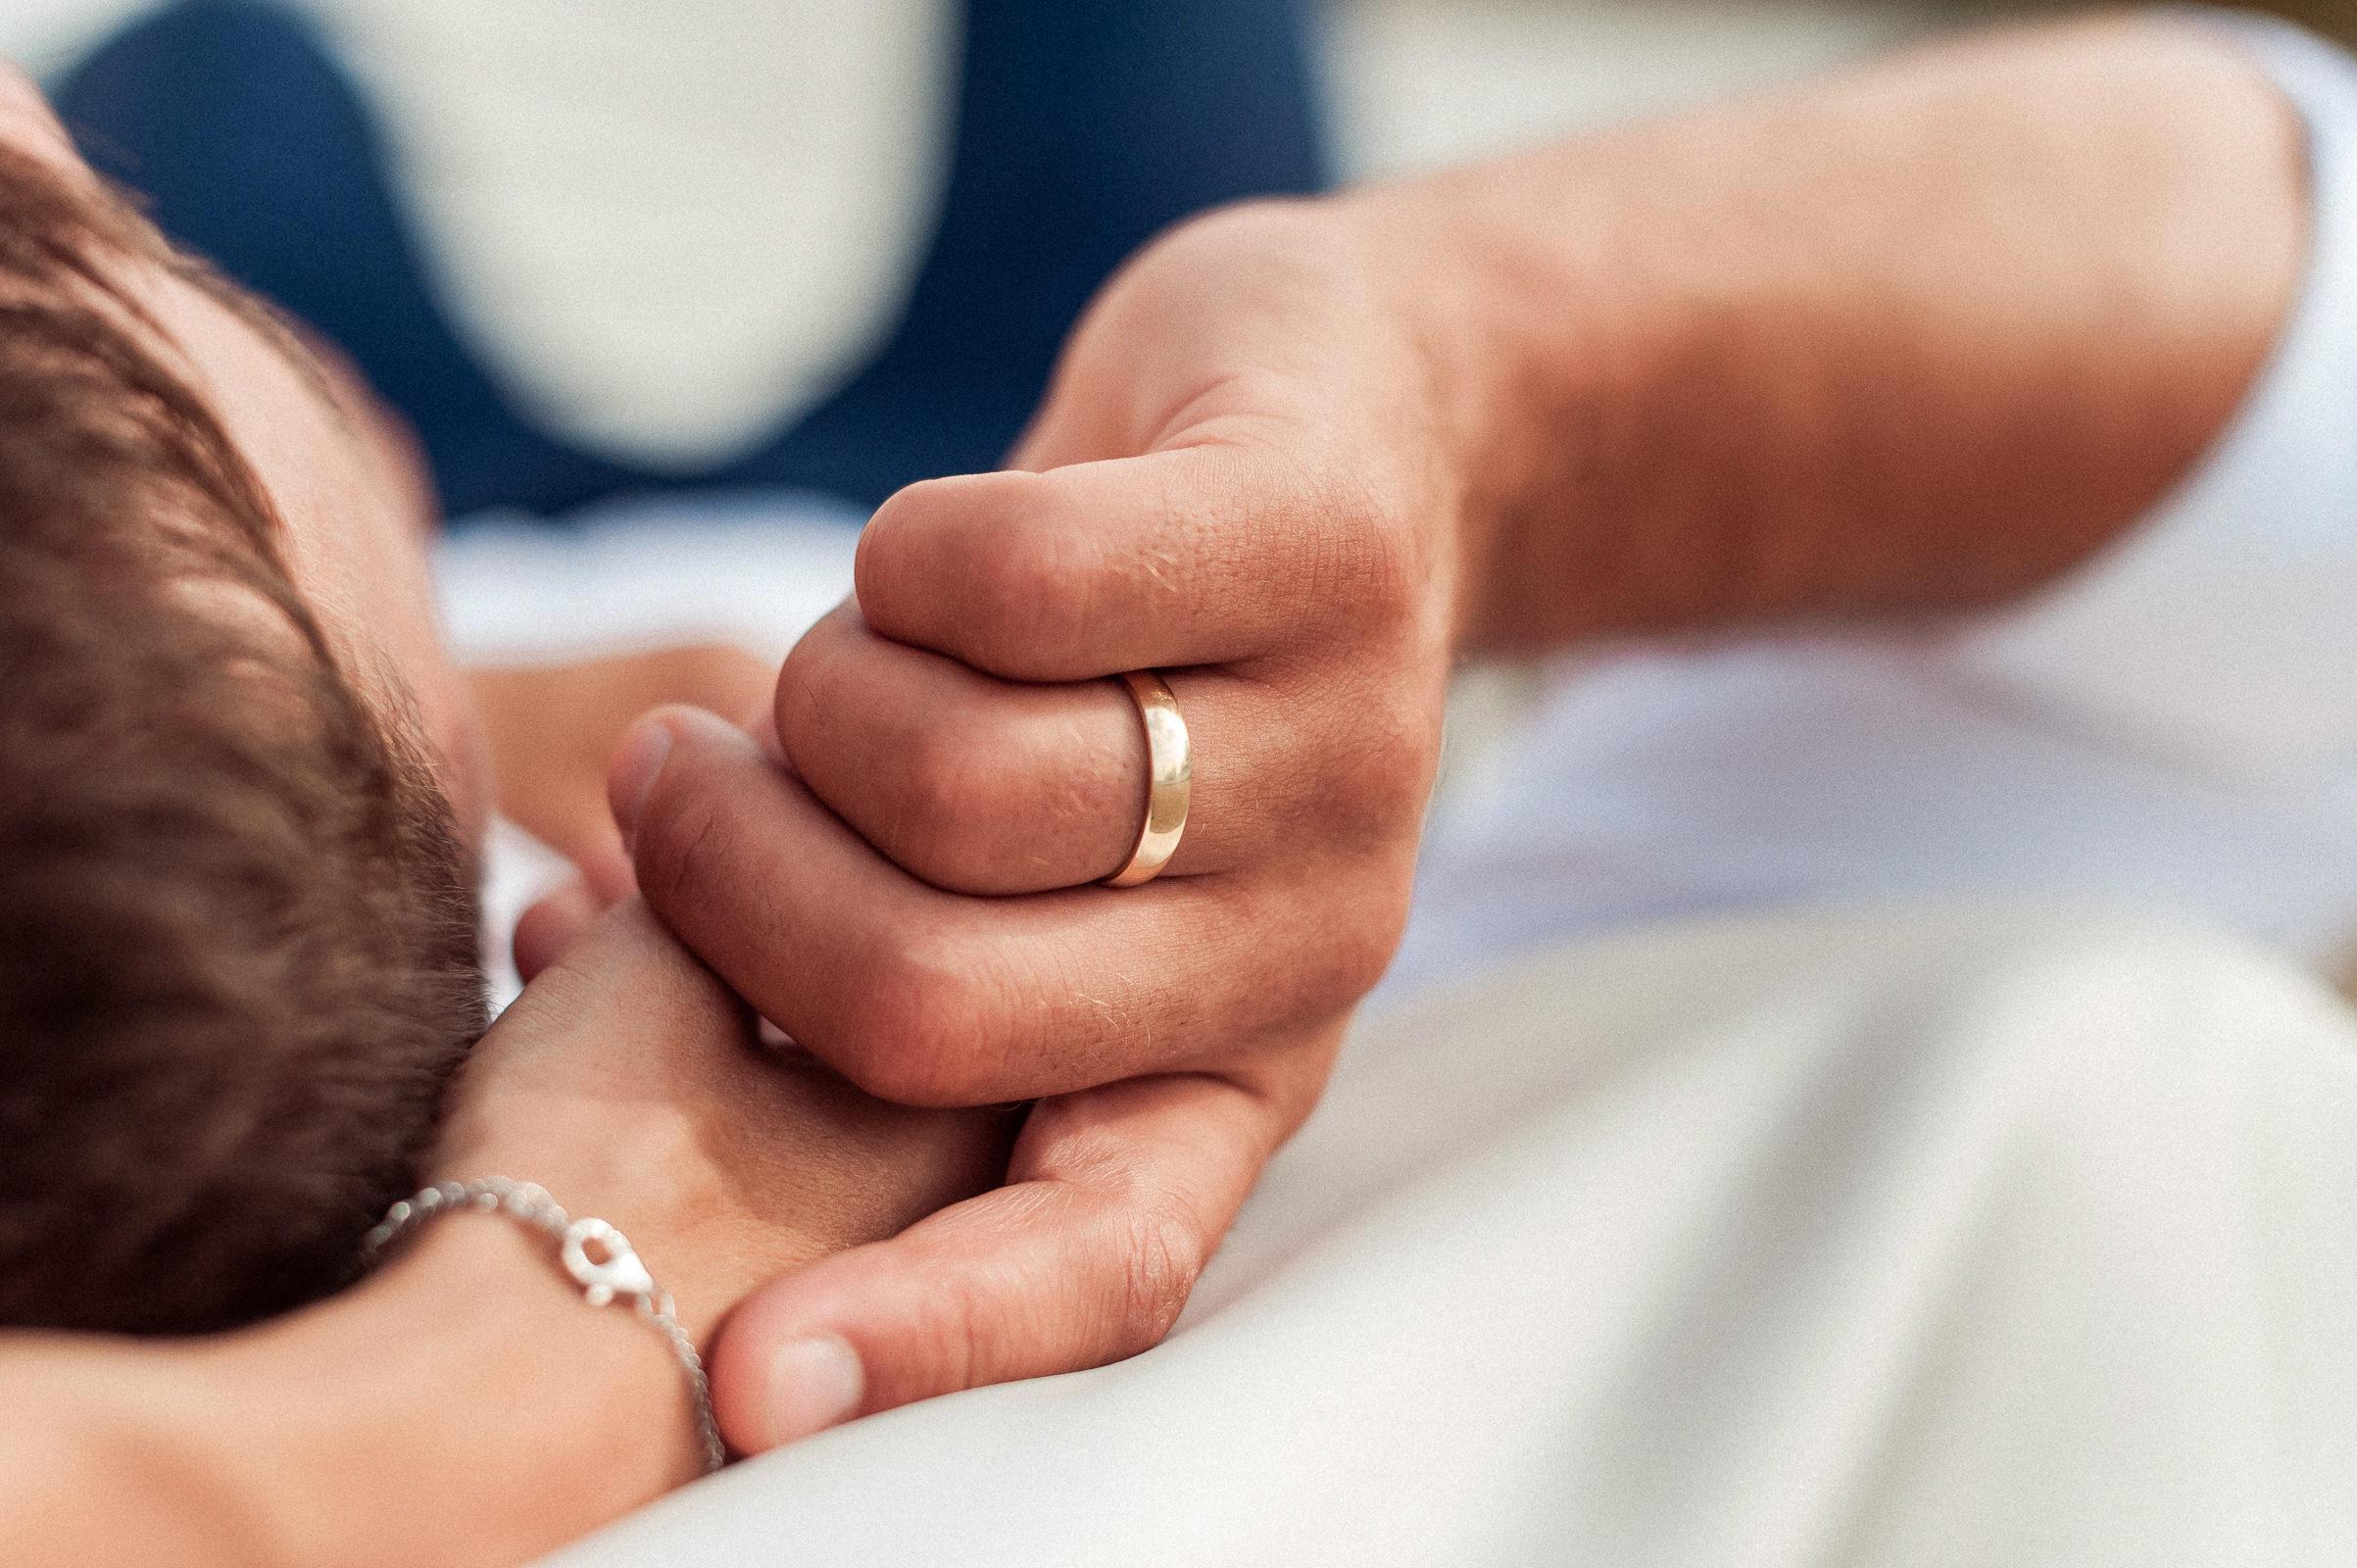 Obrączka na palcu pana młodego na zdjęciu z pleneru ślubnego